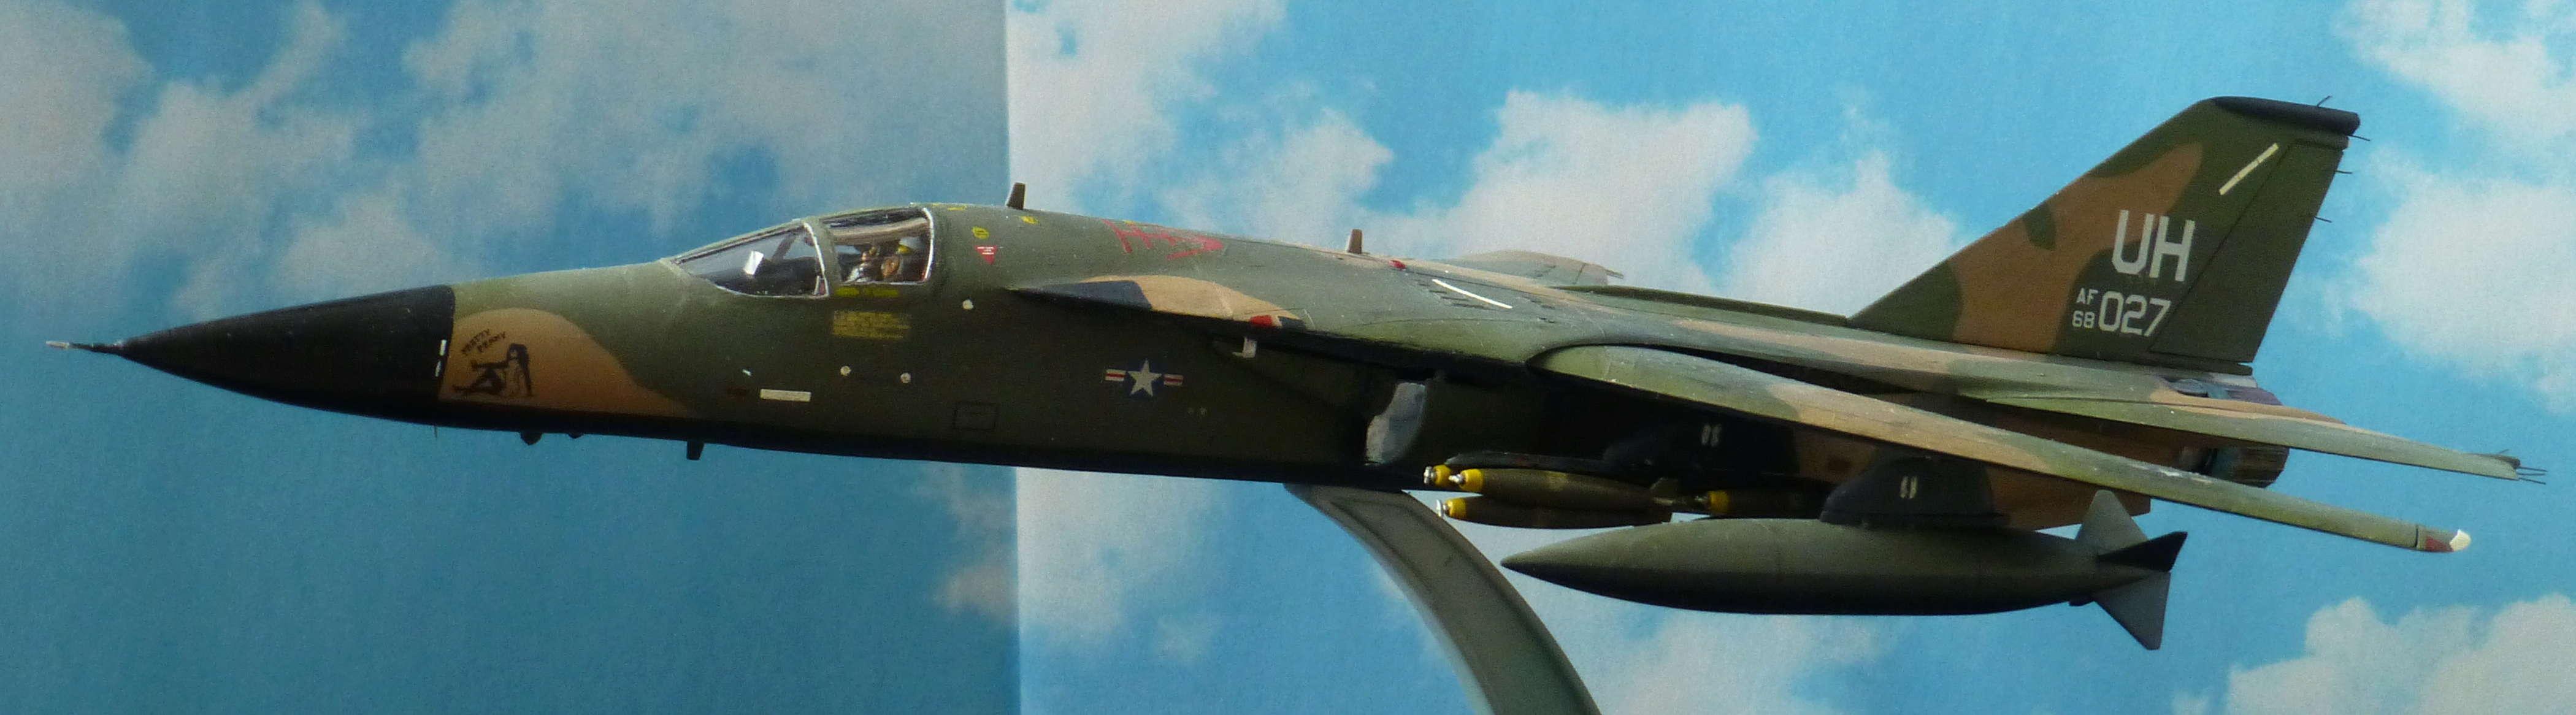 F-111E Airfix 9 04008 P1120015